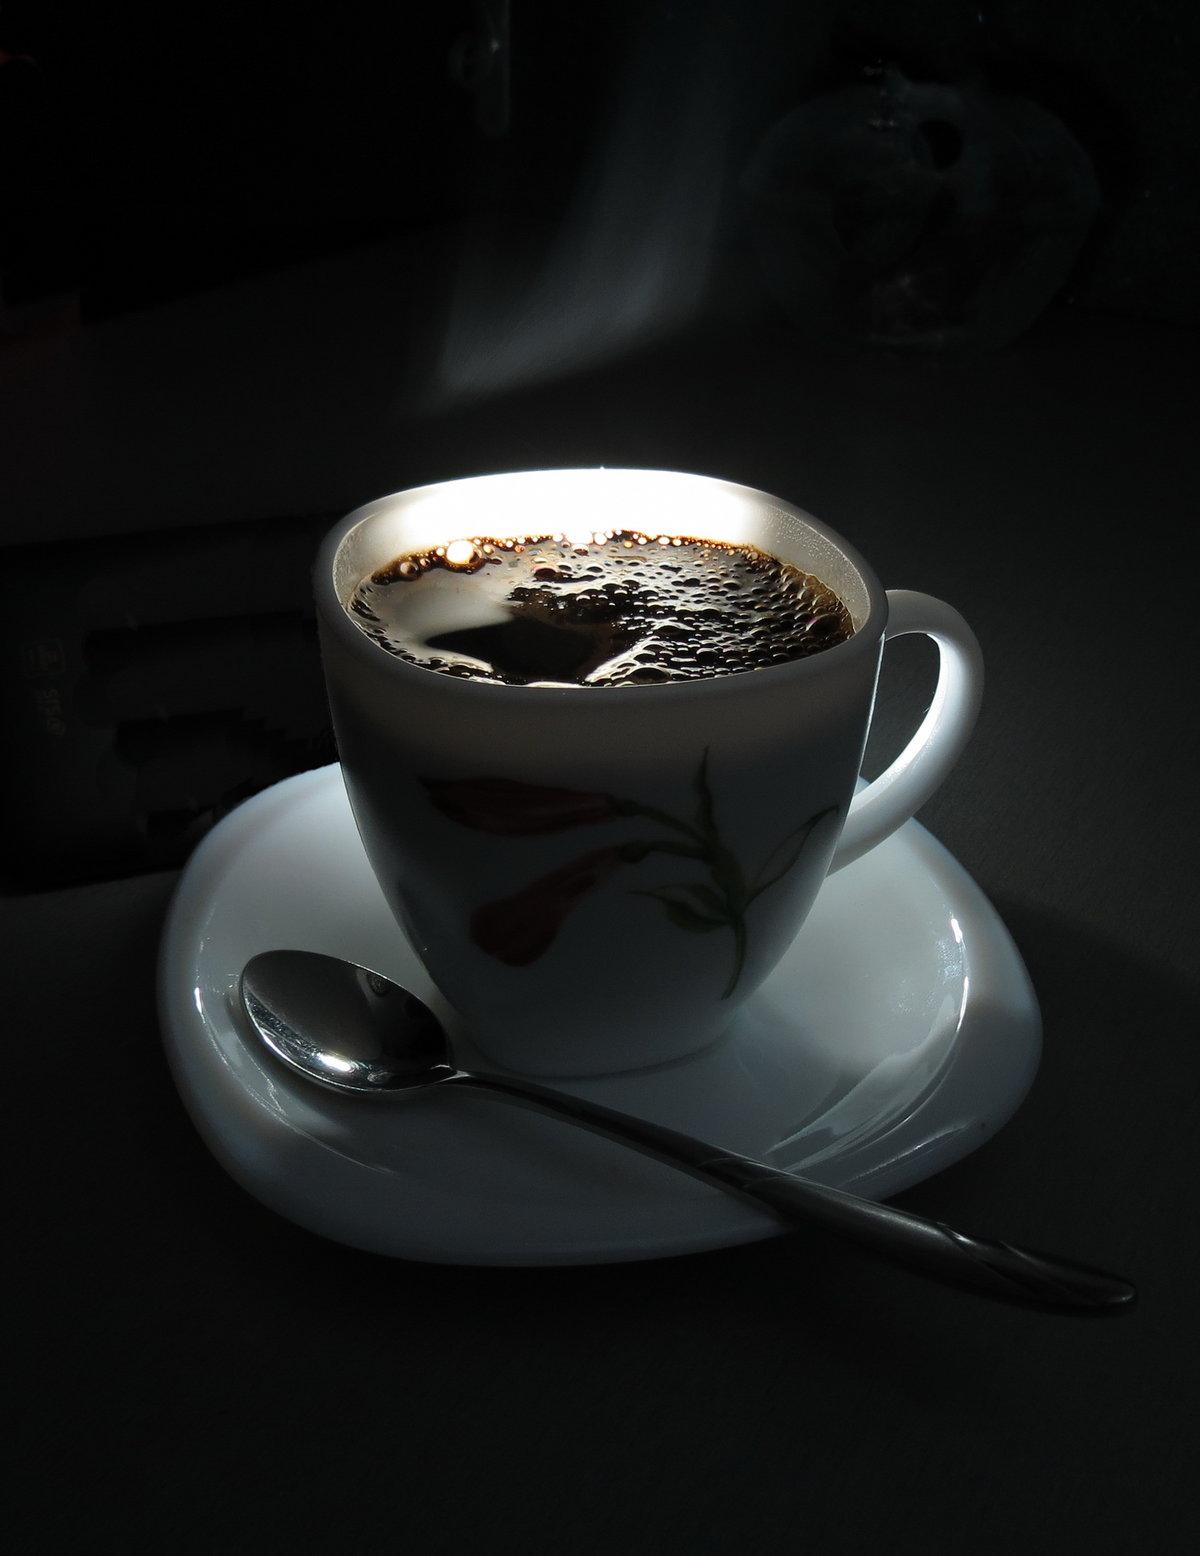 темный кофе картинки шли ровно, без